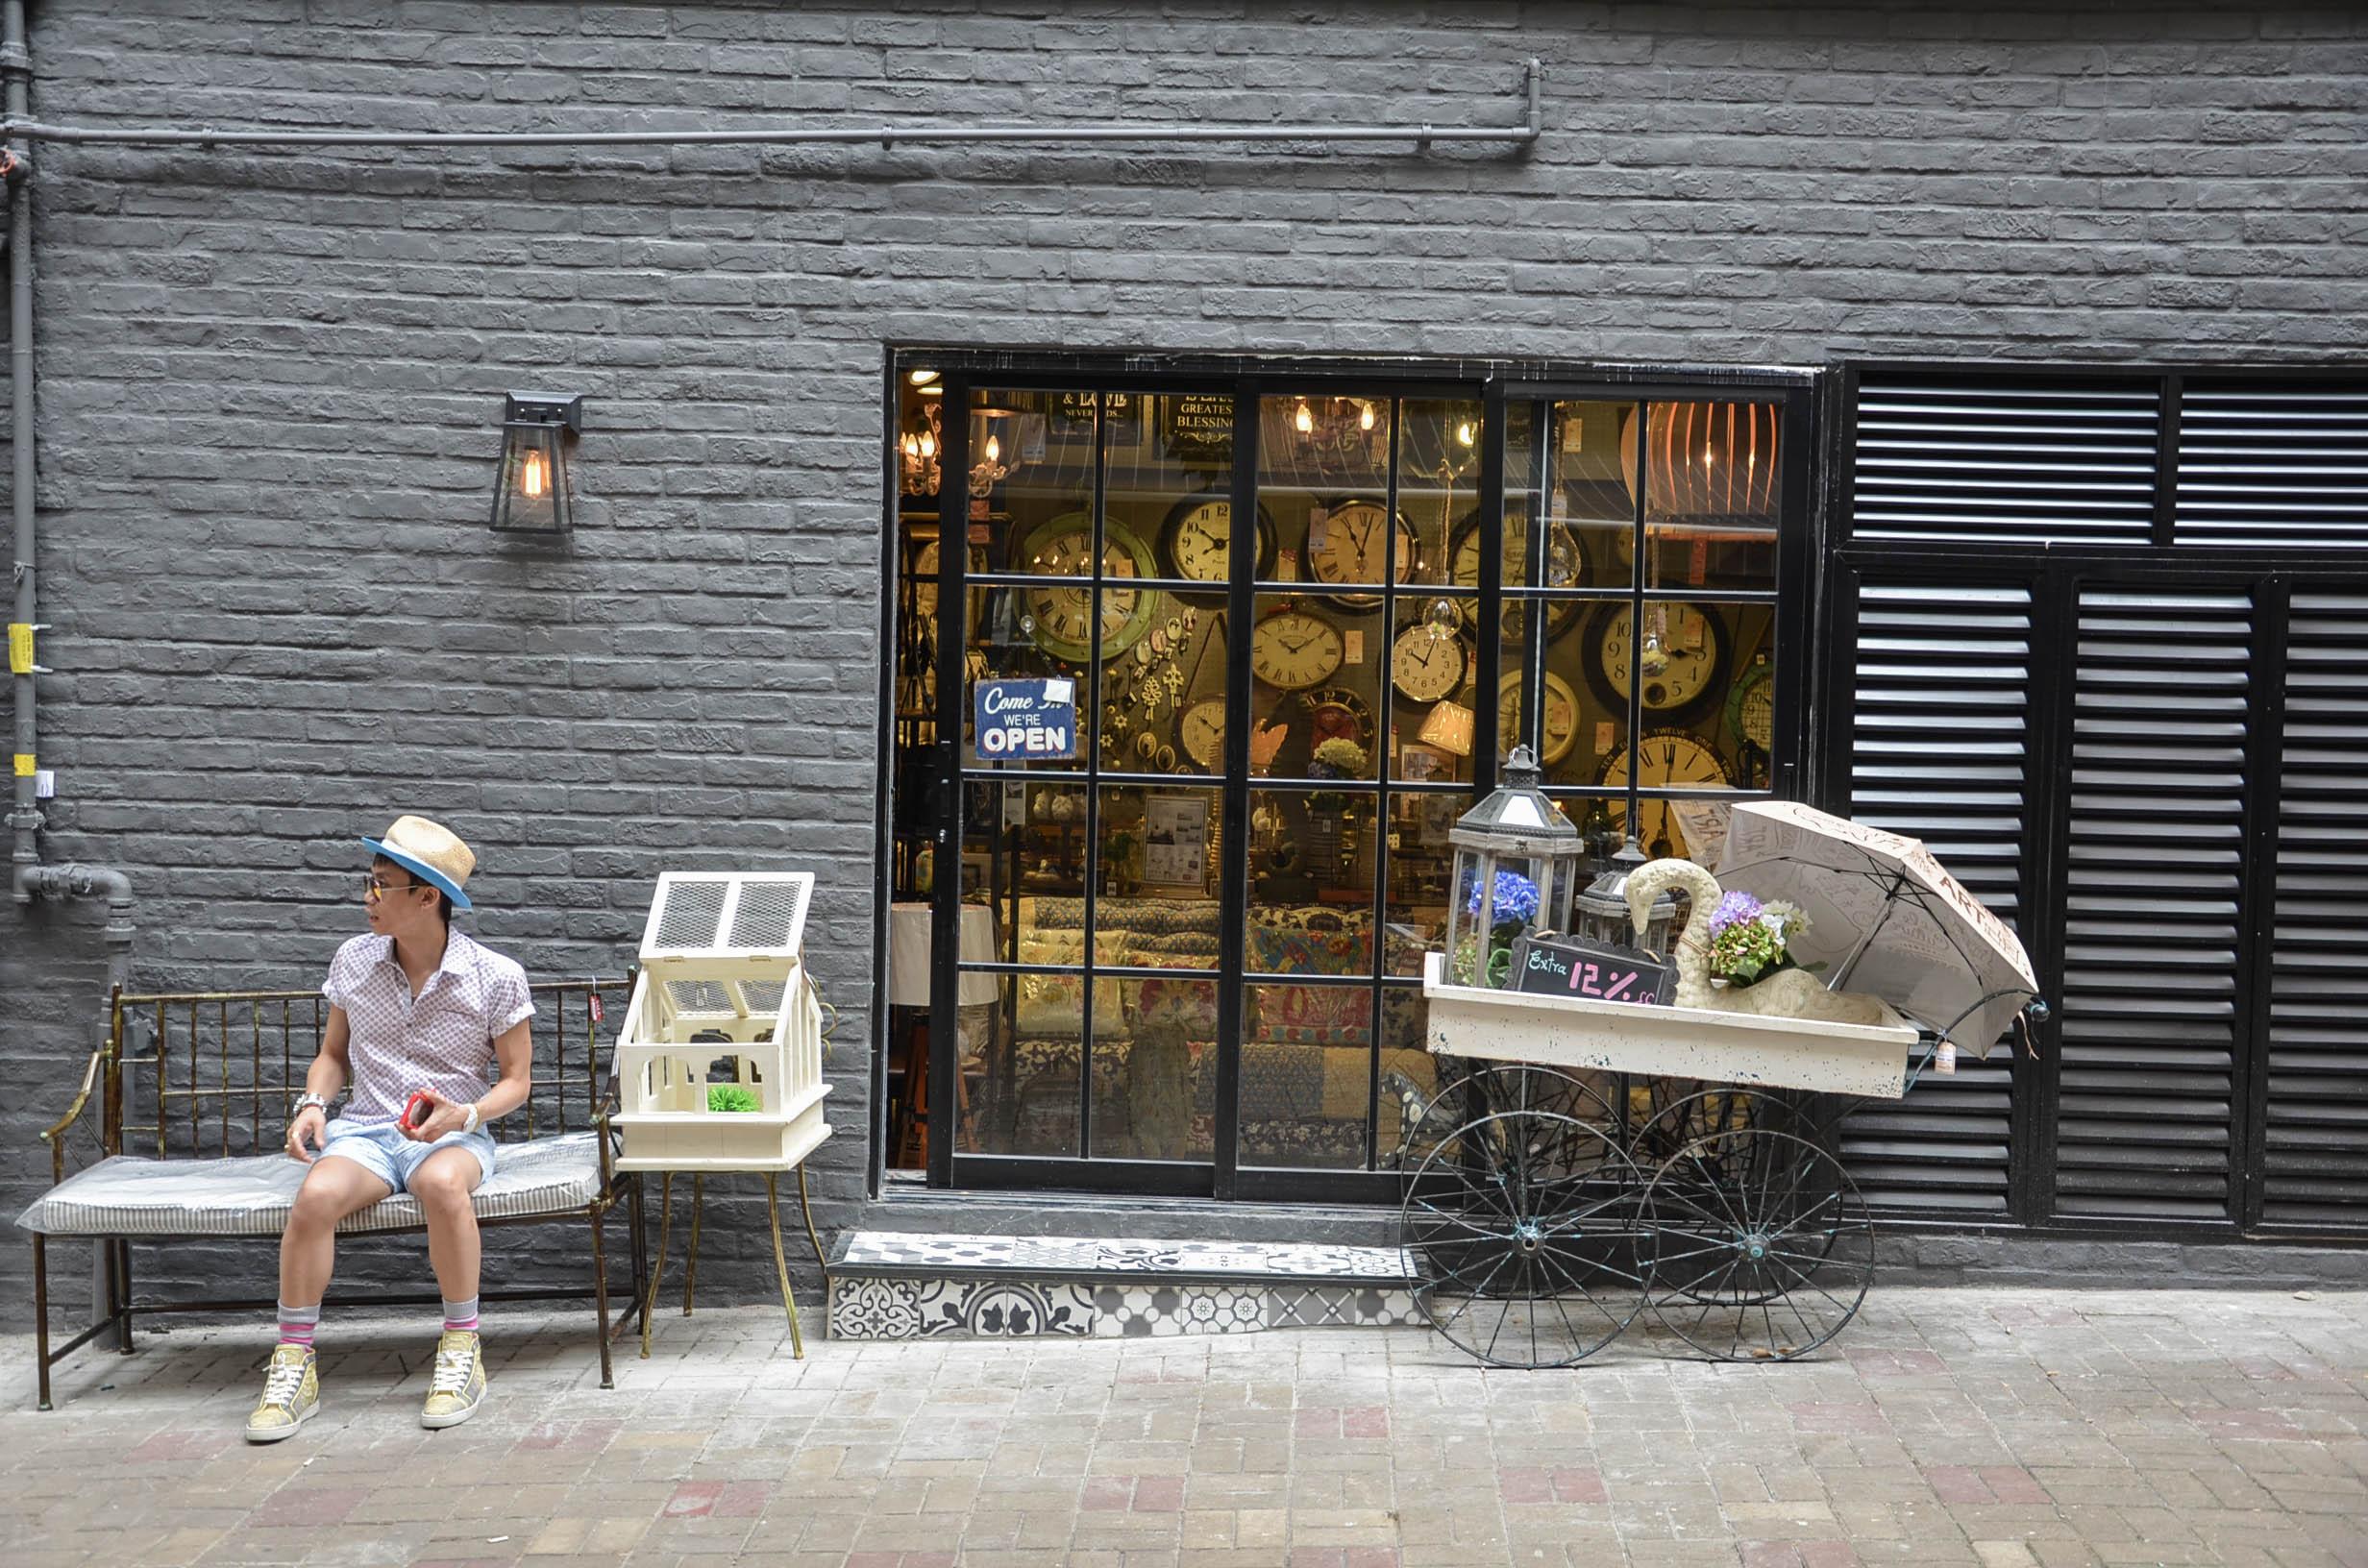 Hongkong Reisetipps: Junge Reisende werden in Hongkong sicherlich in Sheung Wan glücklich.